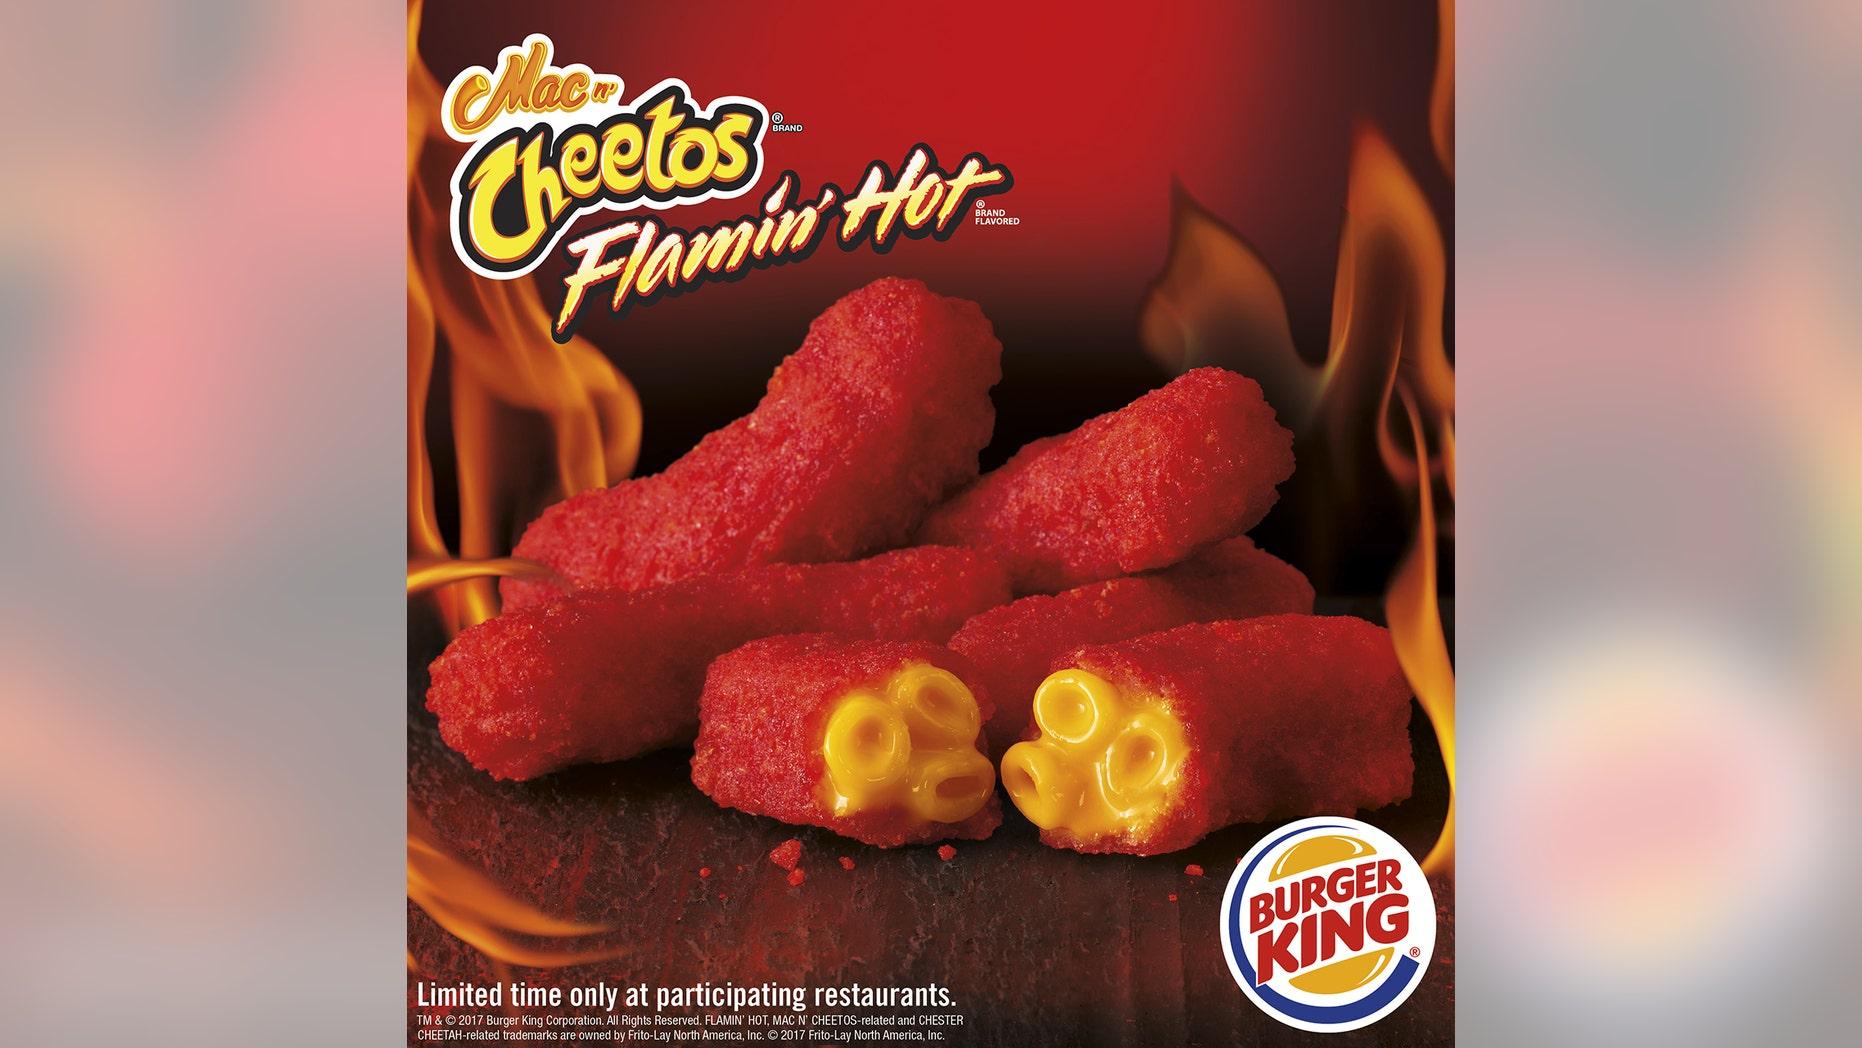 Burger King and Cheetos are teaming up once again to bring us Flamin' Hot Mac n' Cheetos.